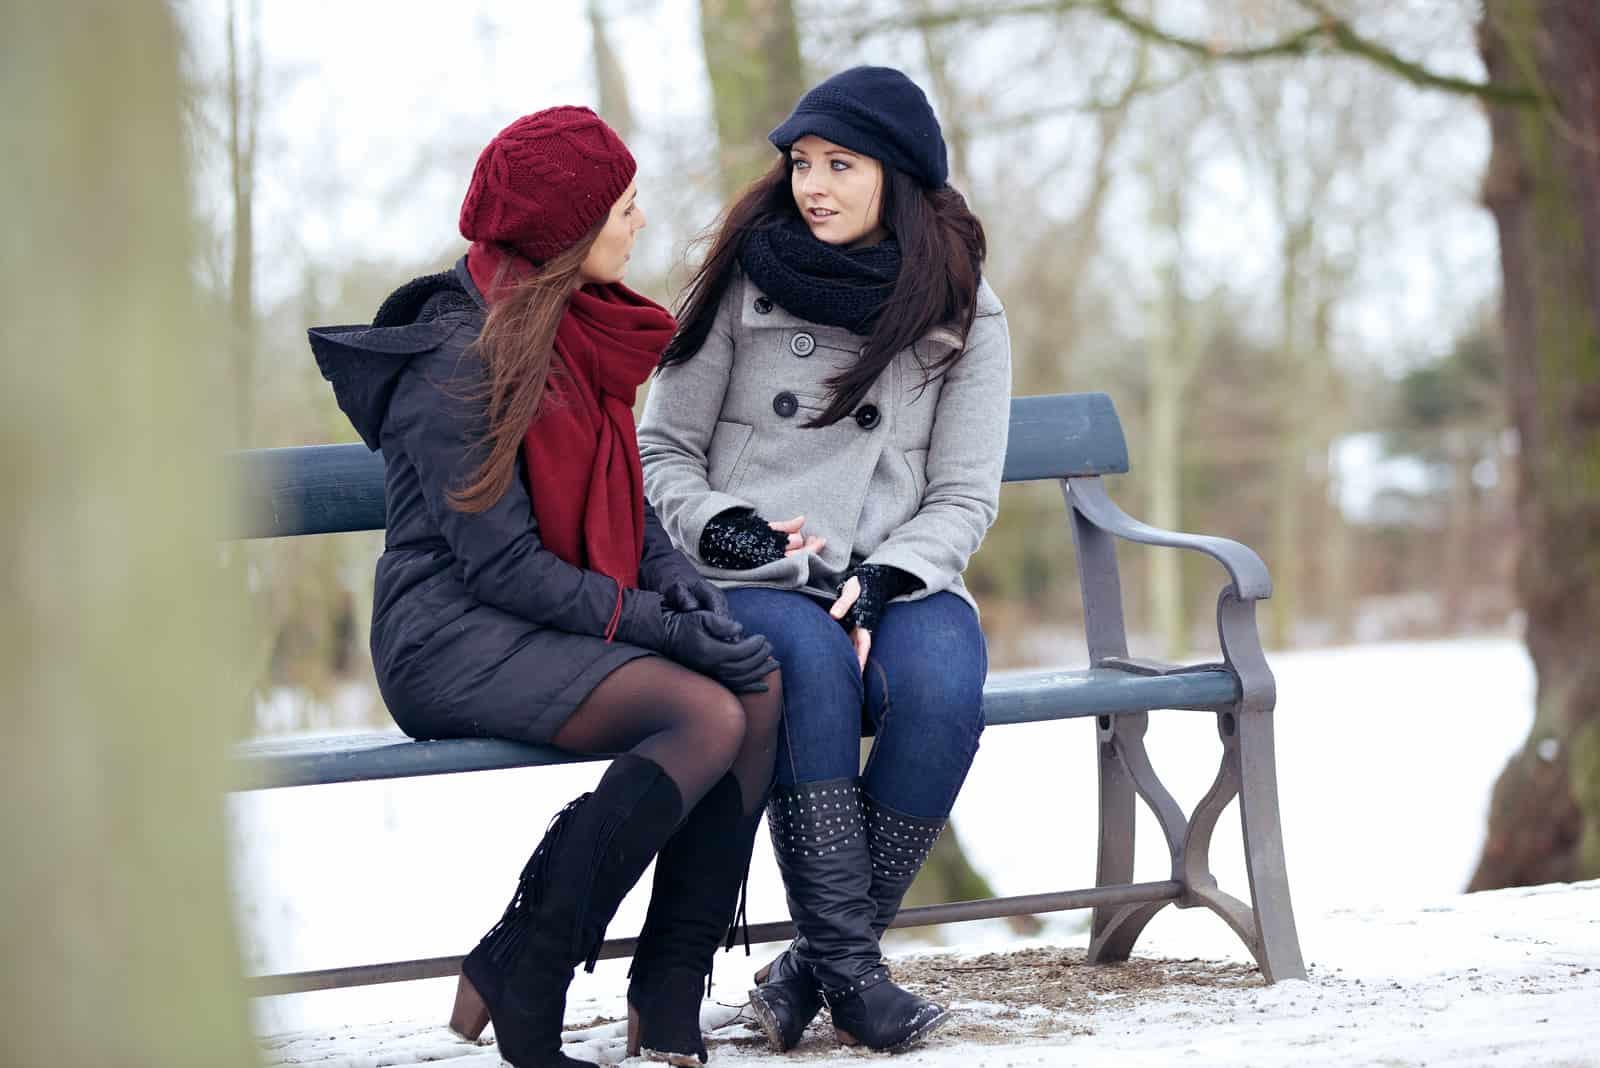 Deux meilleurs amis assis sur un banc de parc tout en ayant une conversation